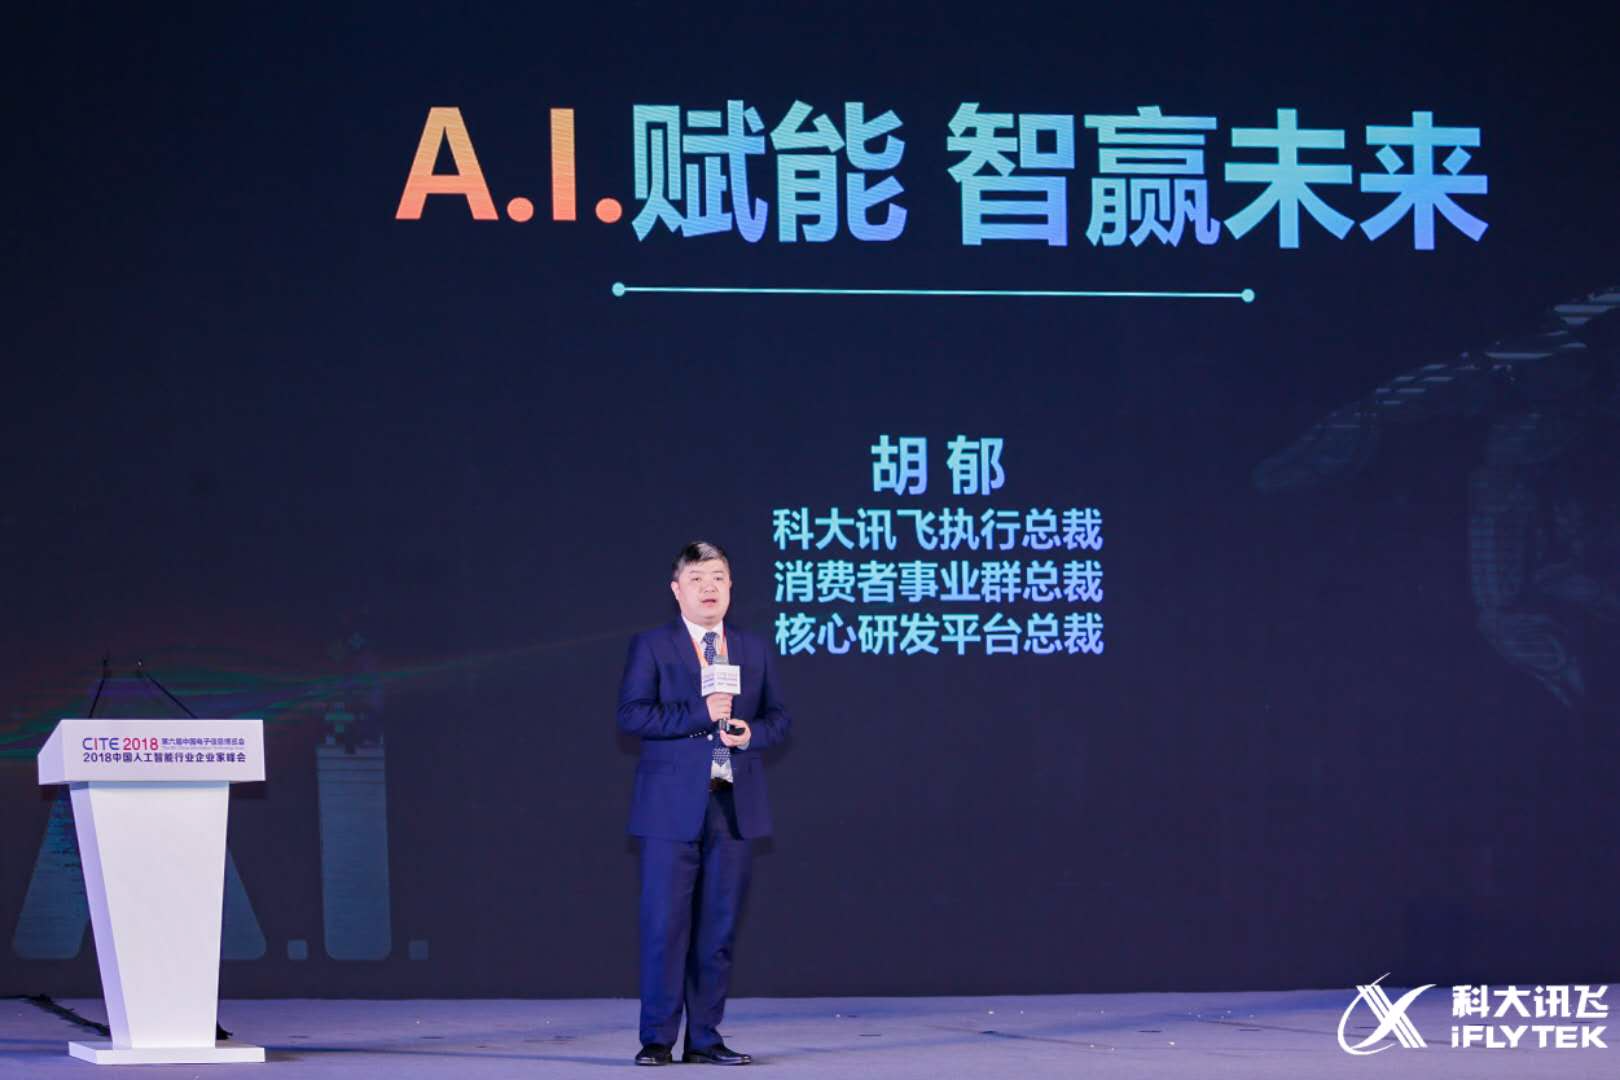 智能产品亮相CITE 2018  科大讯飞胡郁谈AI